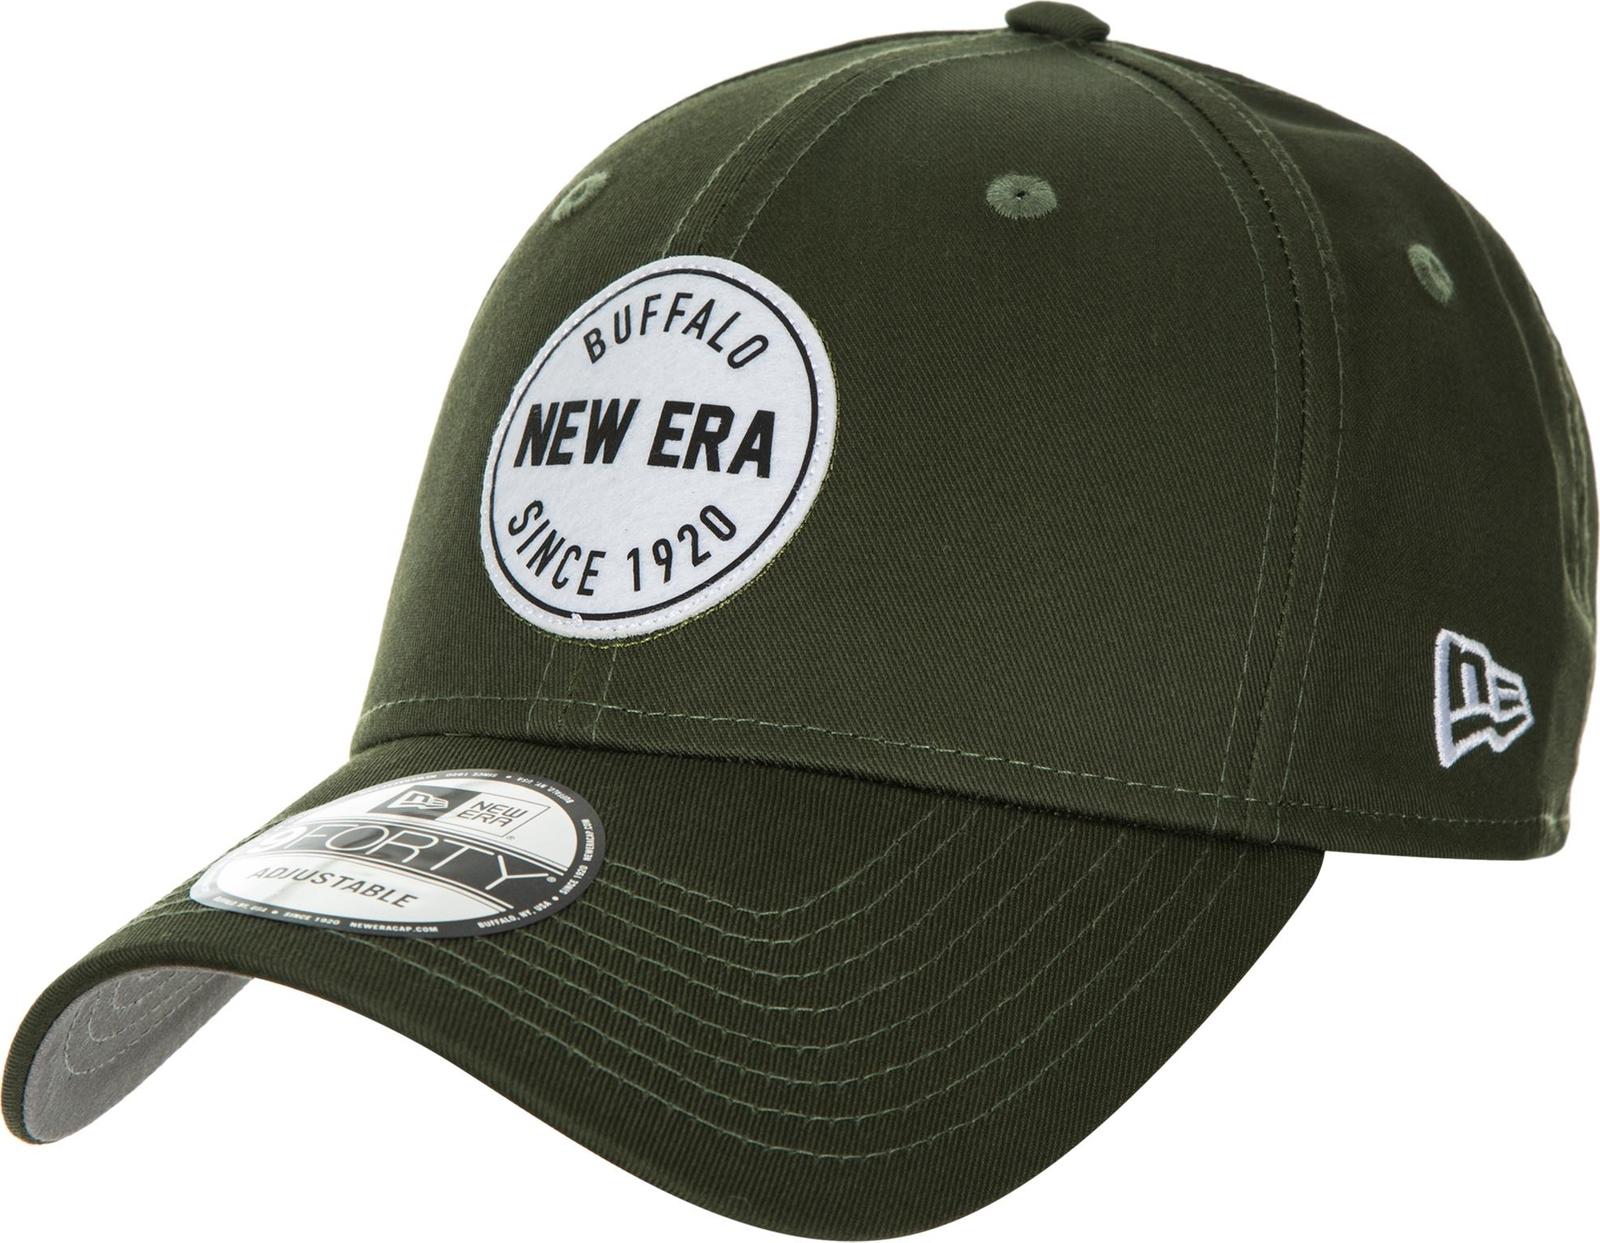 Бейсболка New Era бейсболка new era 251 ny state 9forty ne цвет синий 11874976 nvy размер универсальный